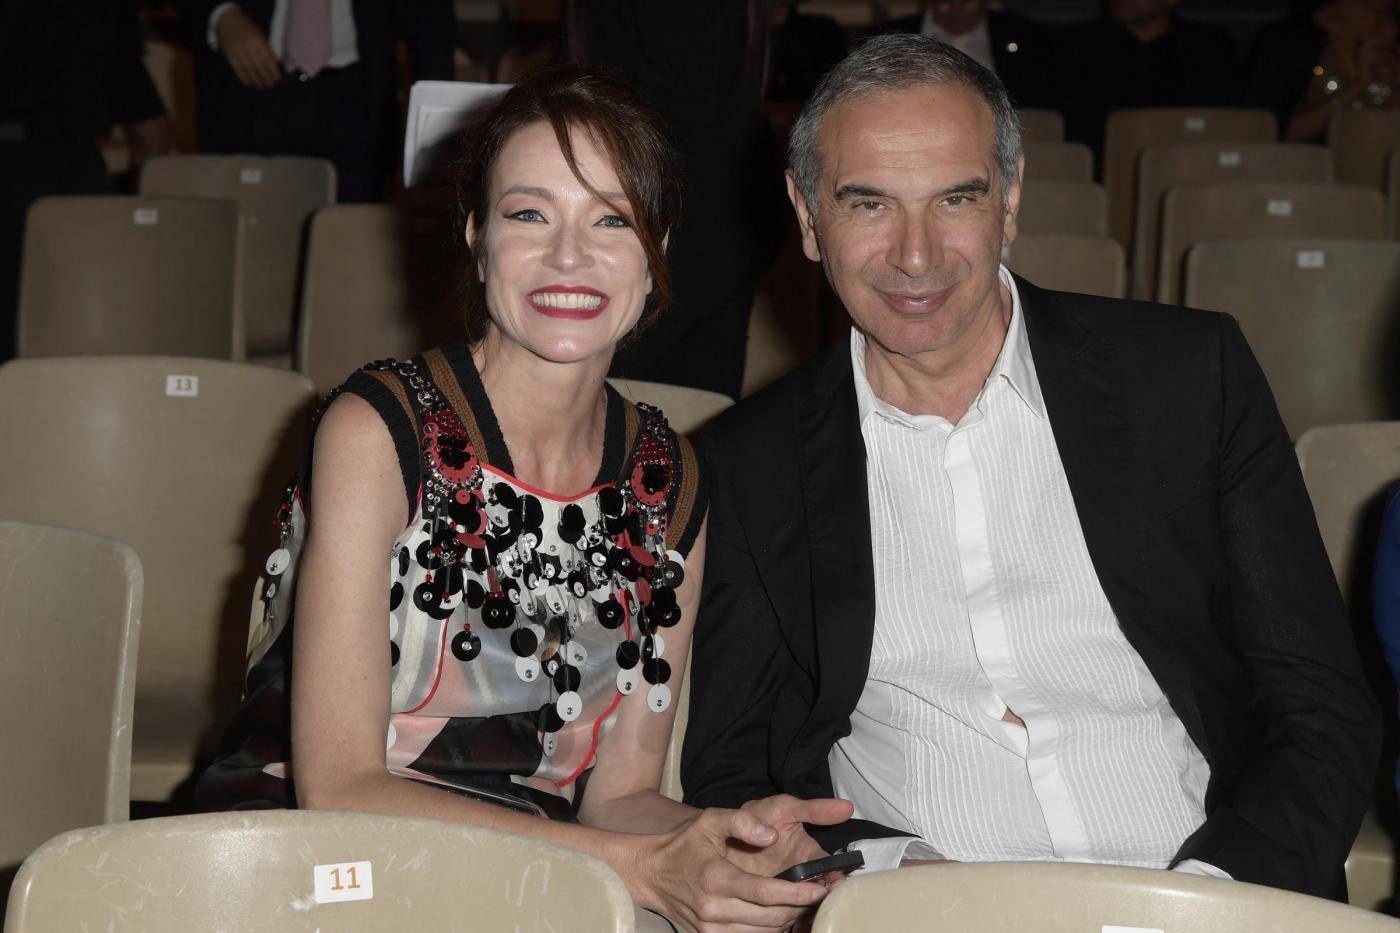 Stefania Rocca e Carlo Capasa, matrimonio segreto a New York